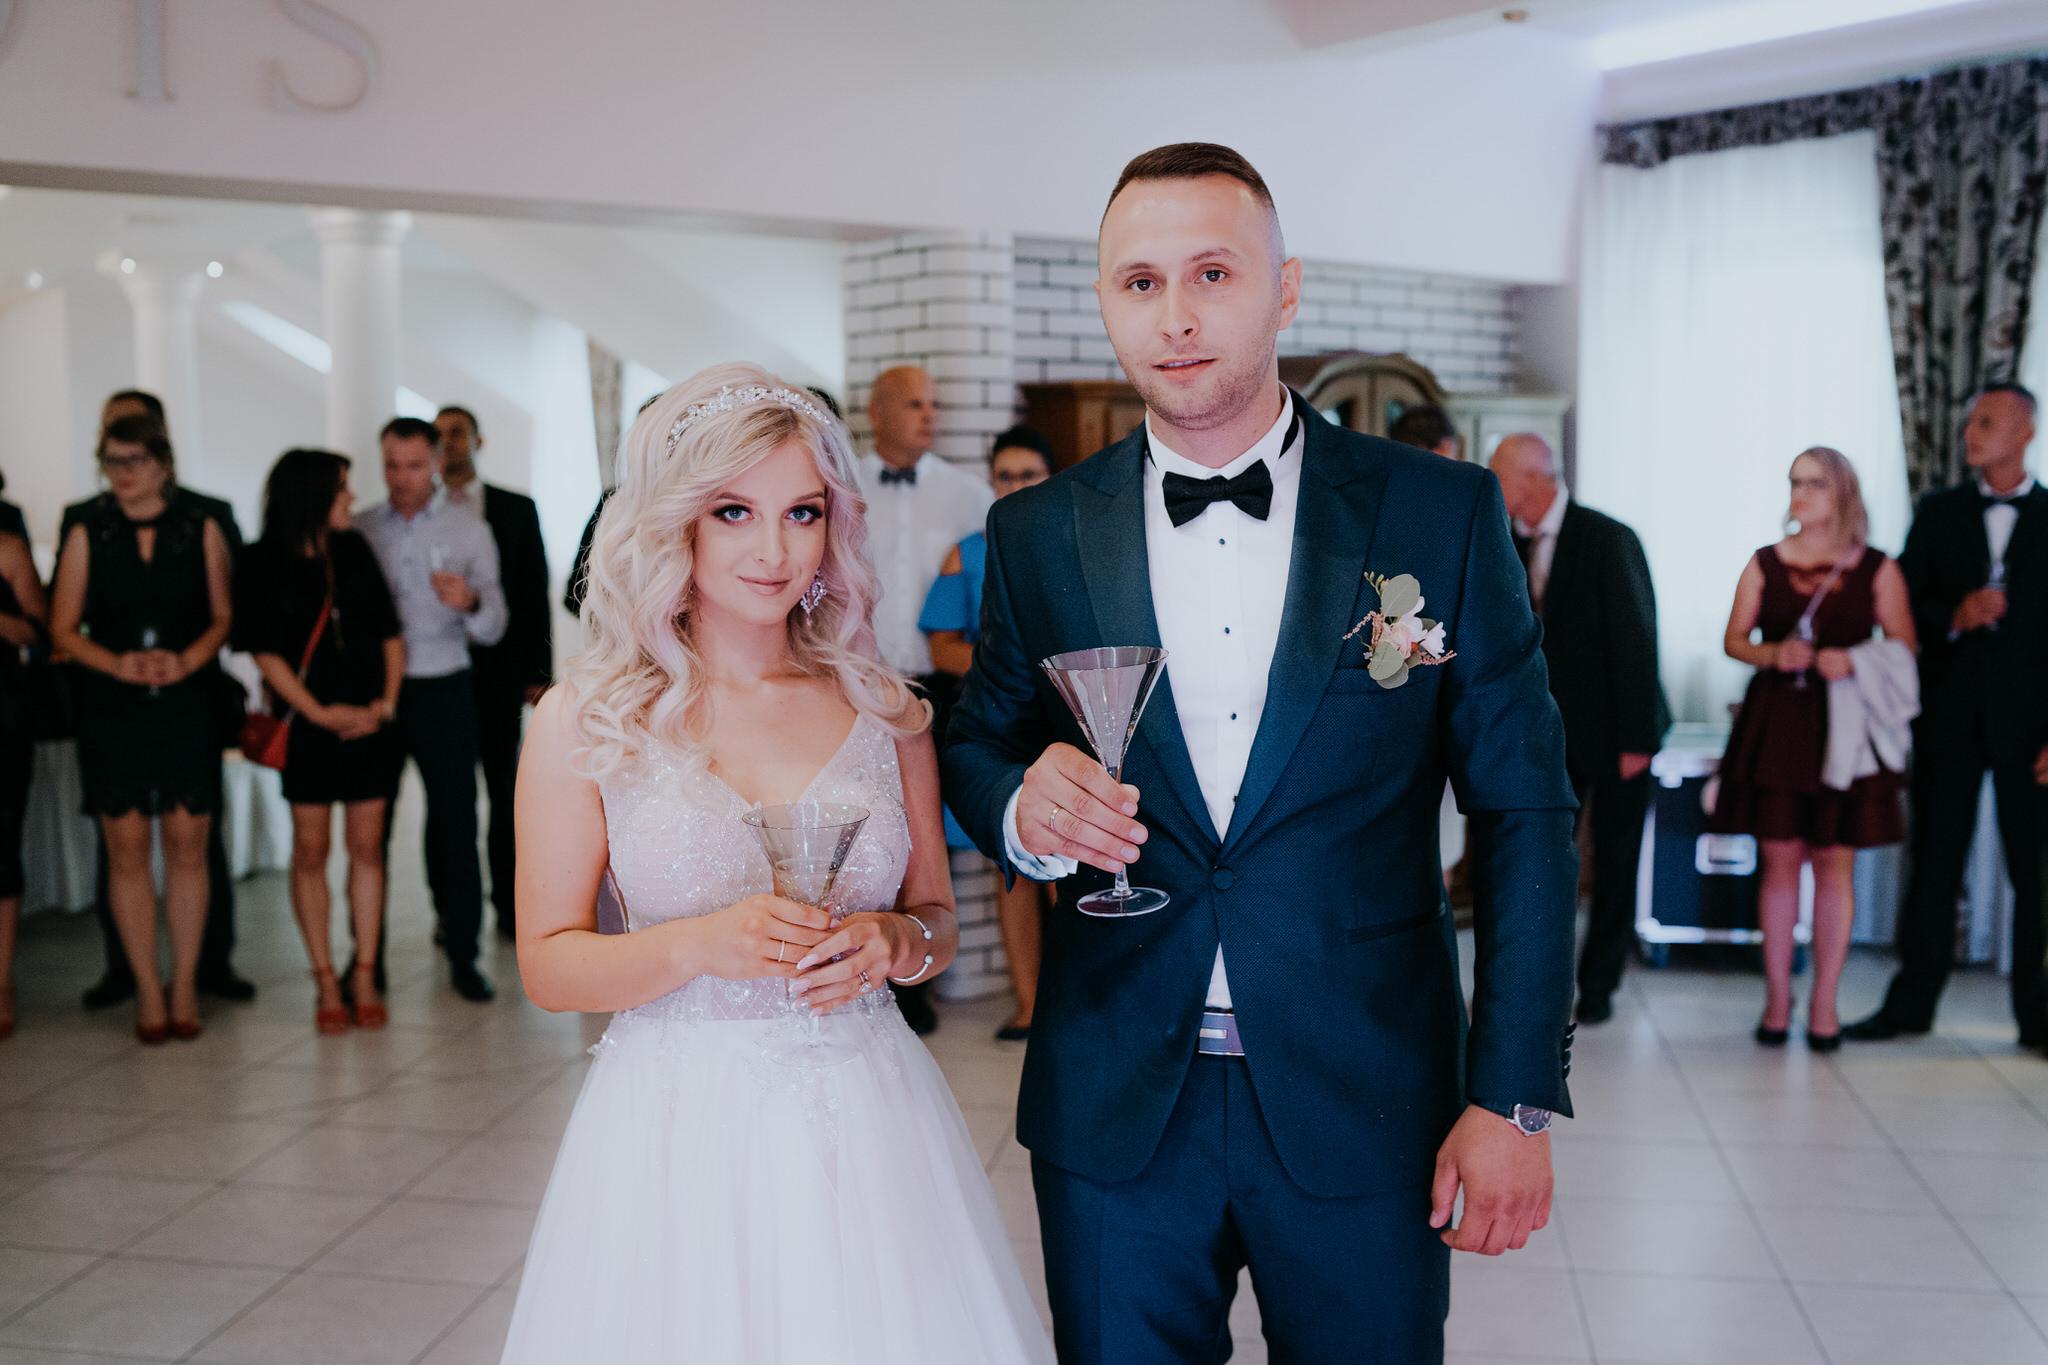 wesele paradis iga damian 194 - Wesele w stylu glamour | Lubartów | I+D | 04.09.2020